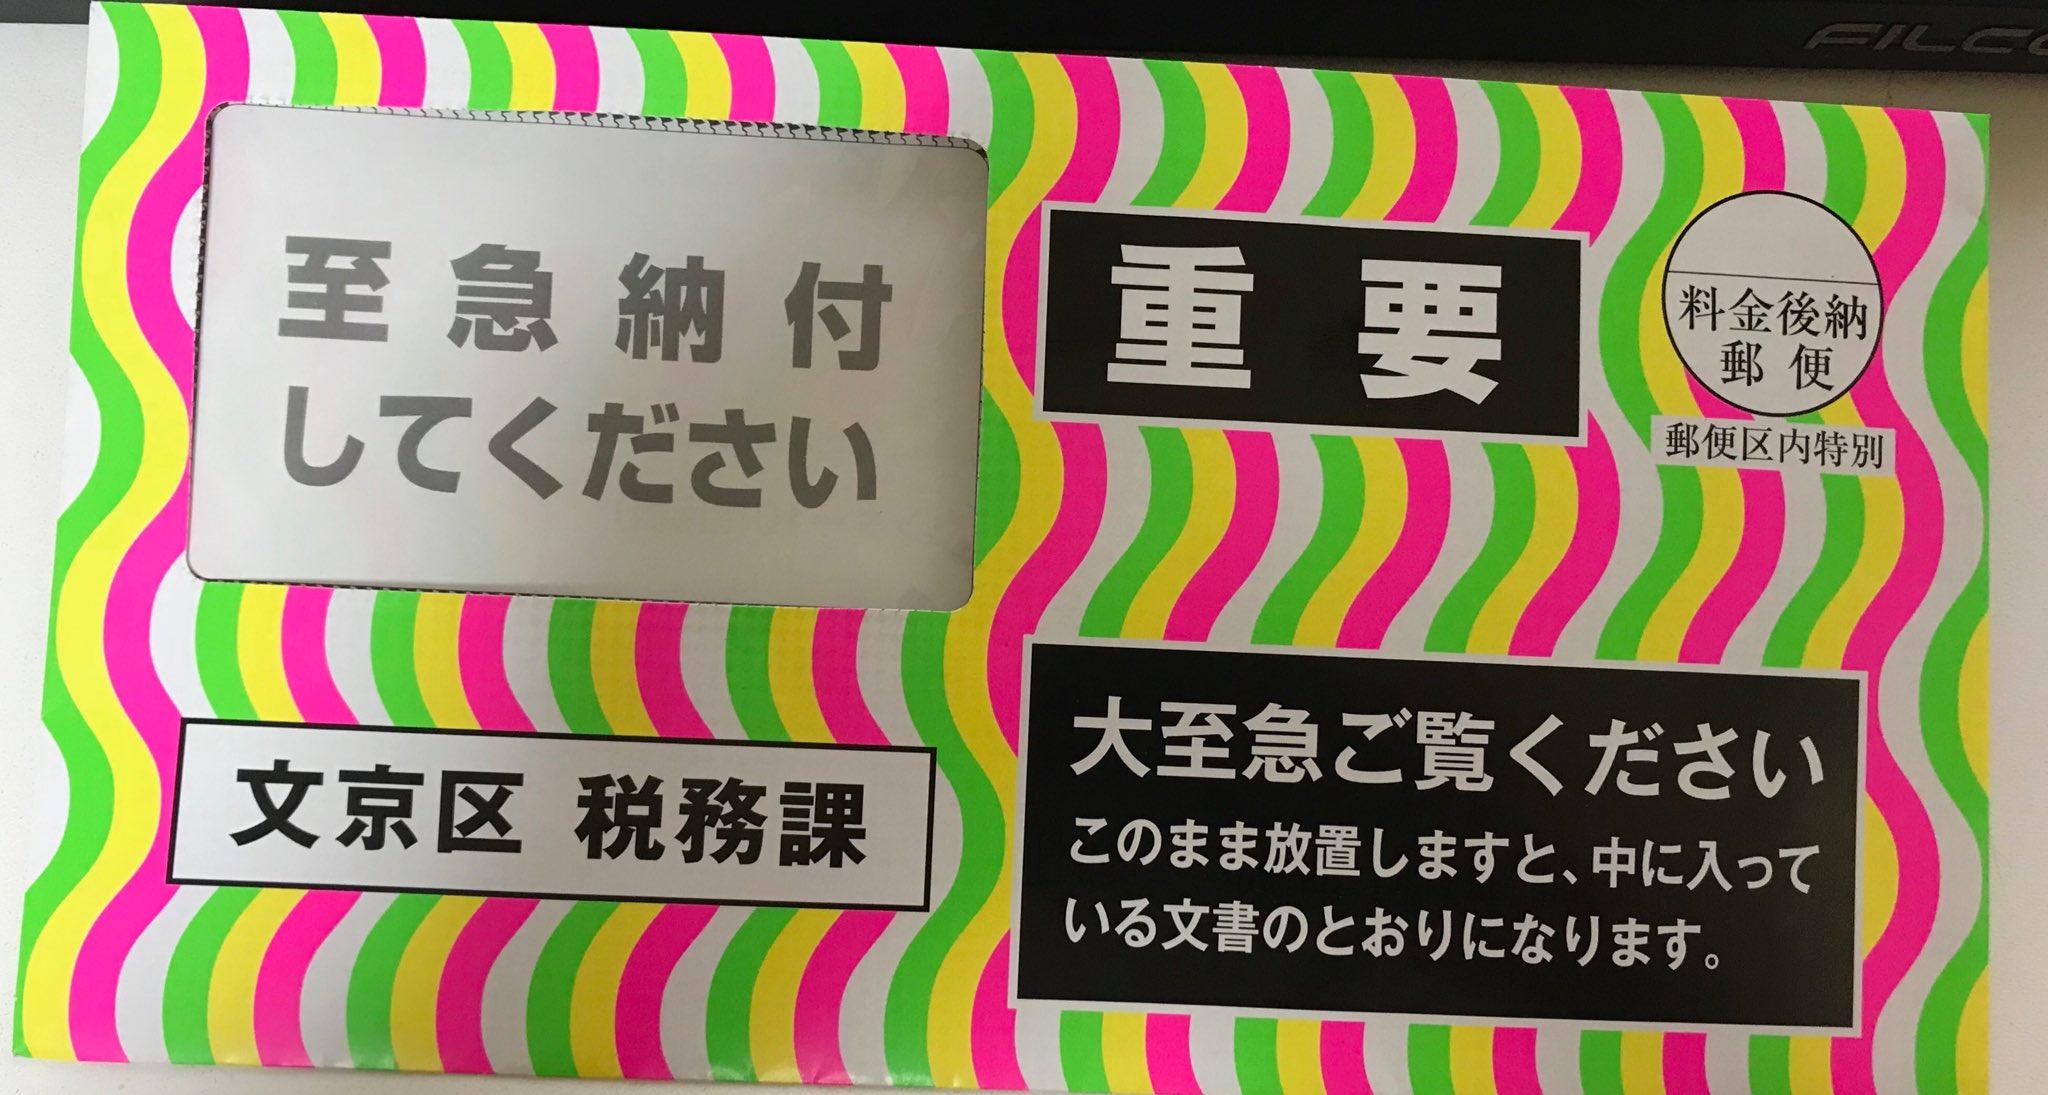 文京区から脅しのお手紙が来た。 つか、なに、この色合いw